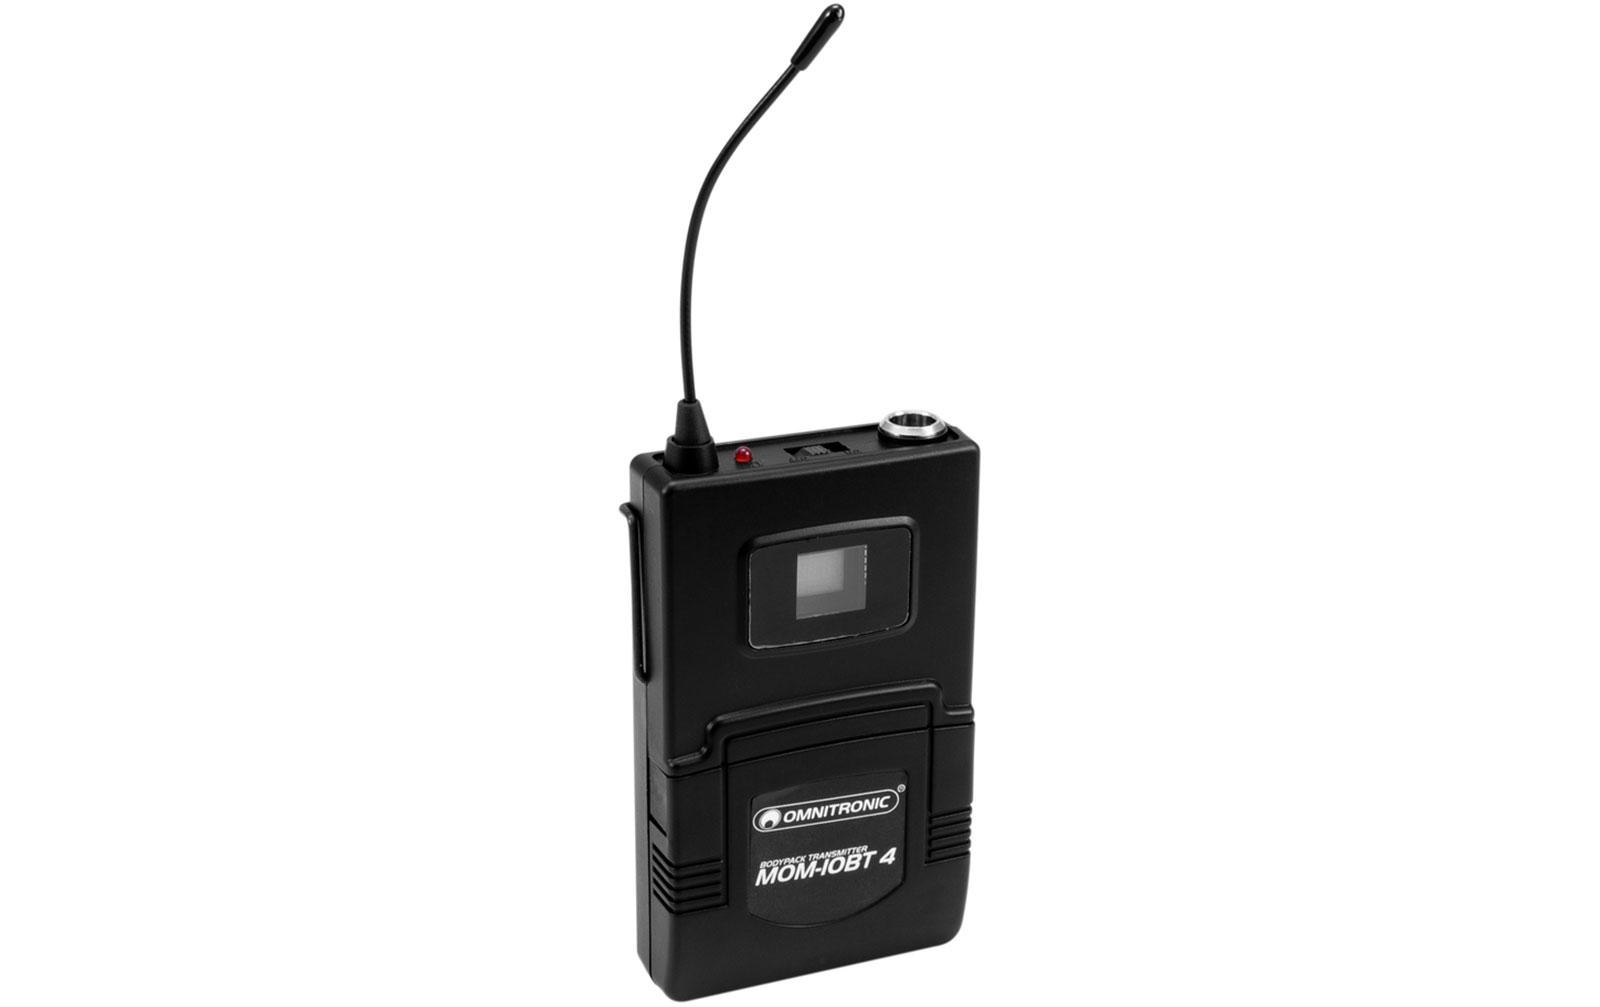 omnitronic-mom-10bt4-taschensender